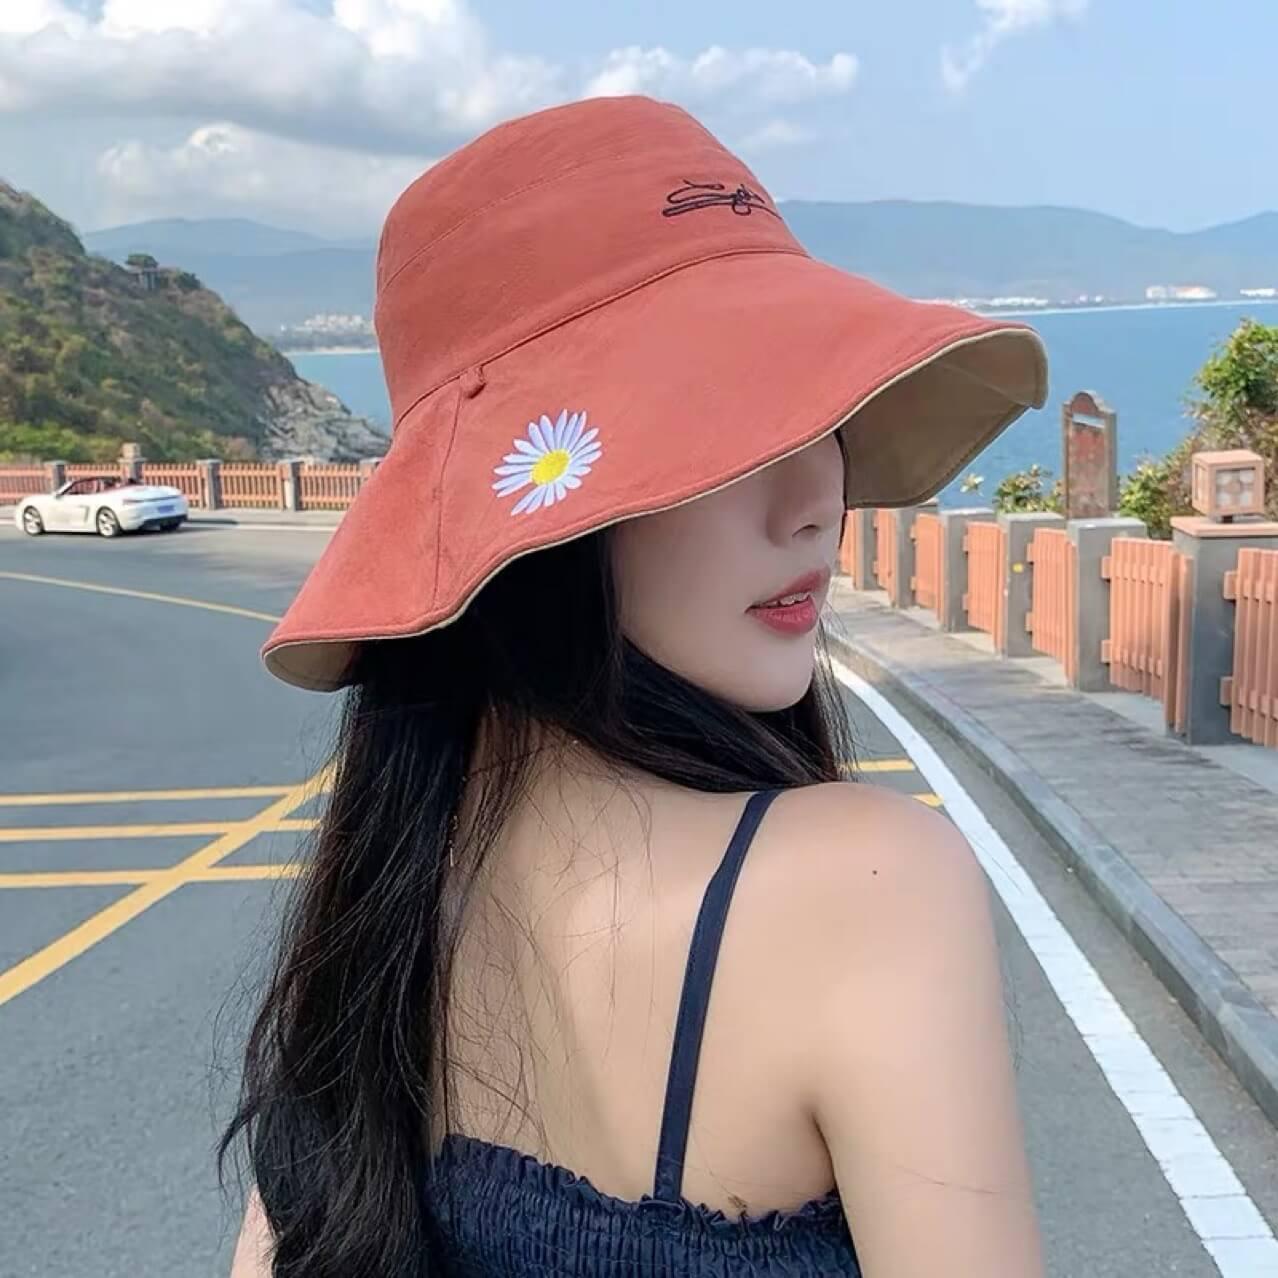 các loại mũ đẹp cho nữ